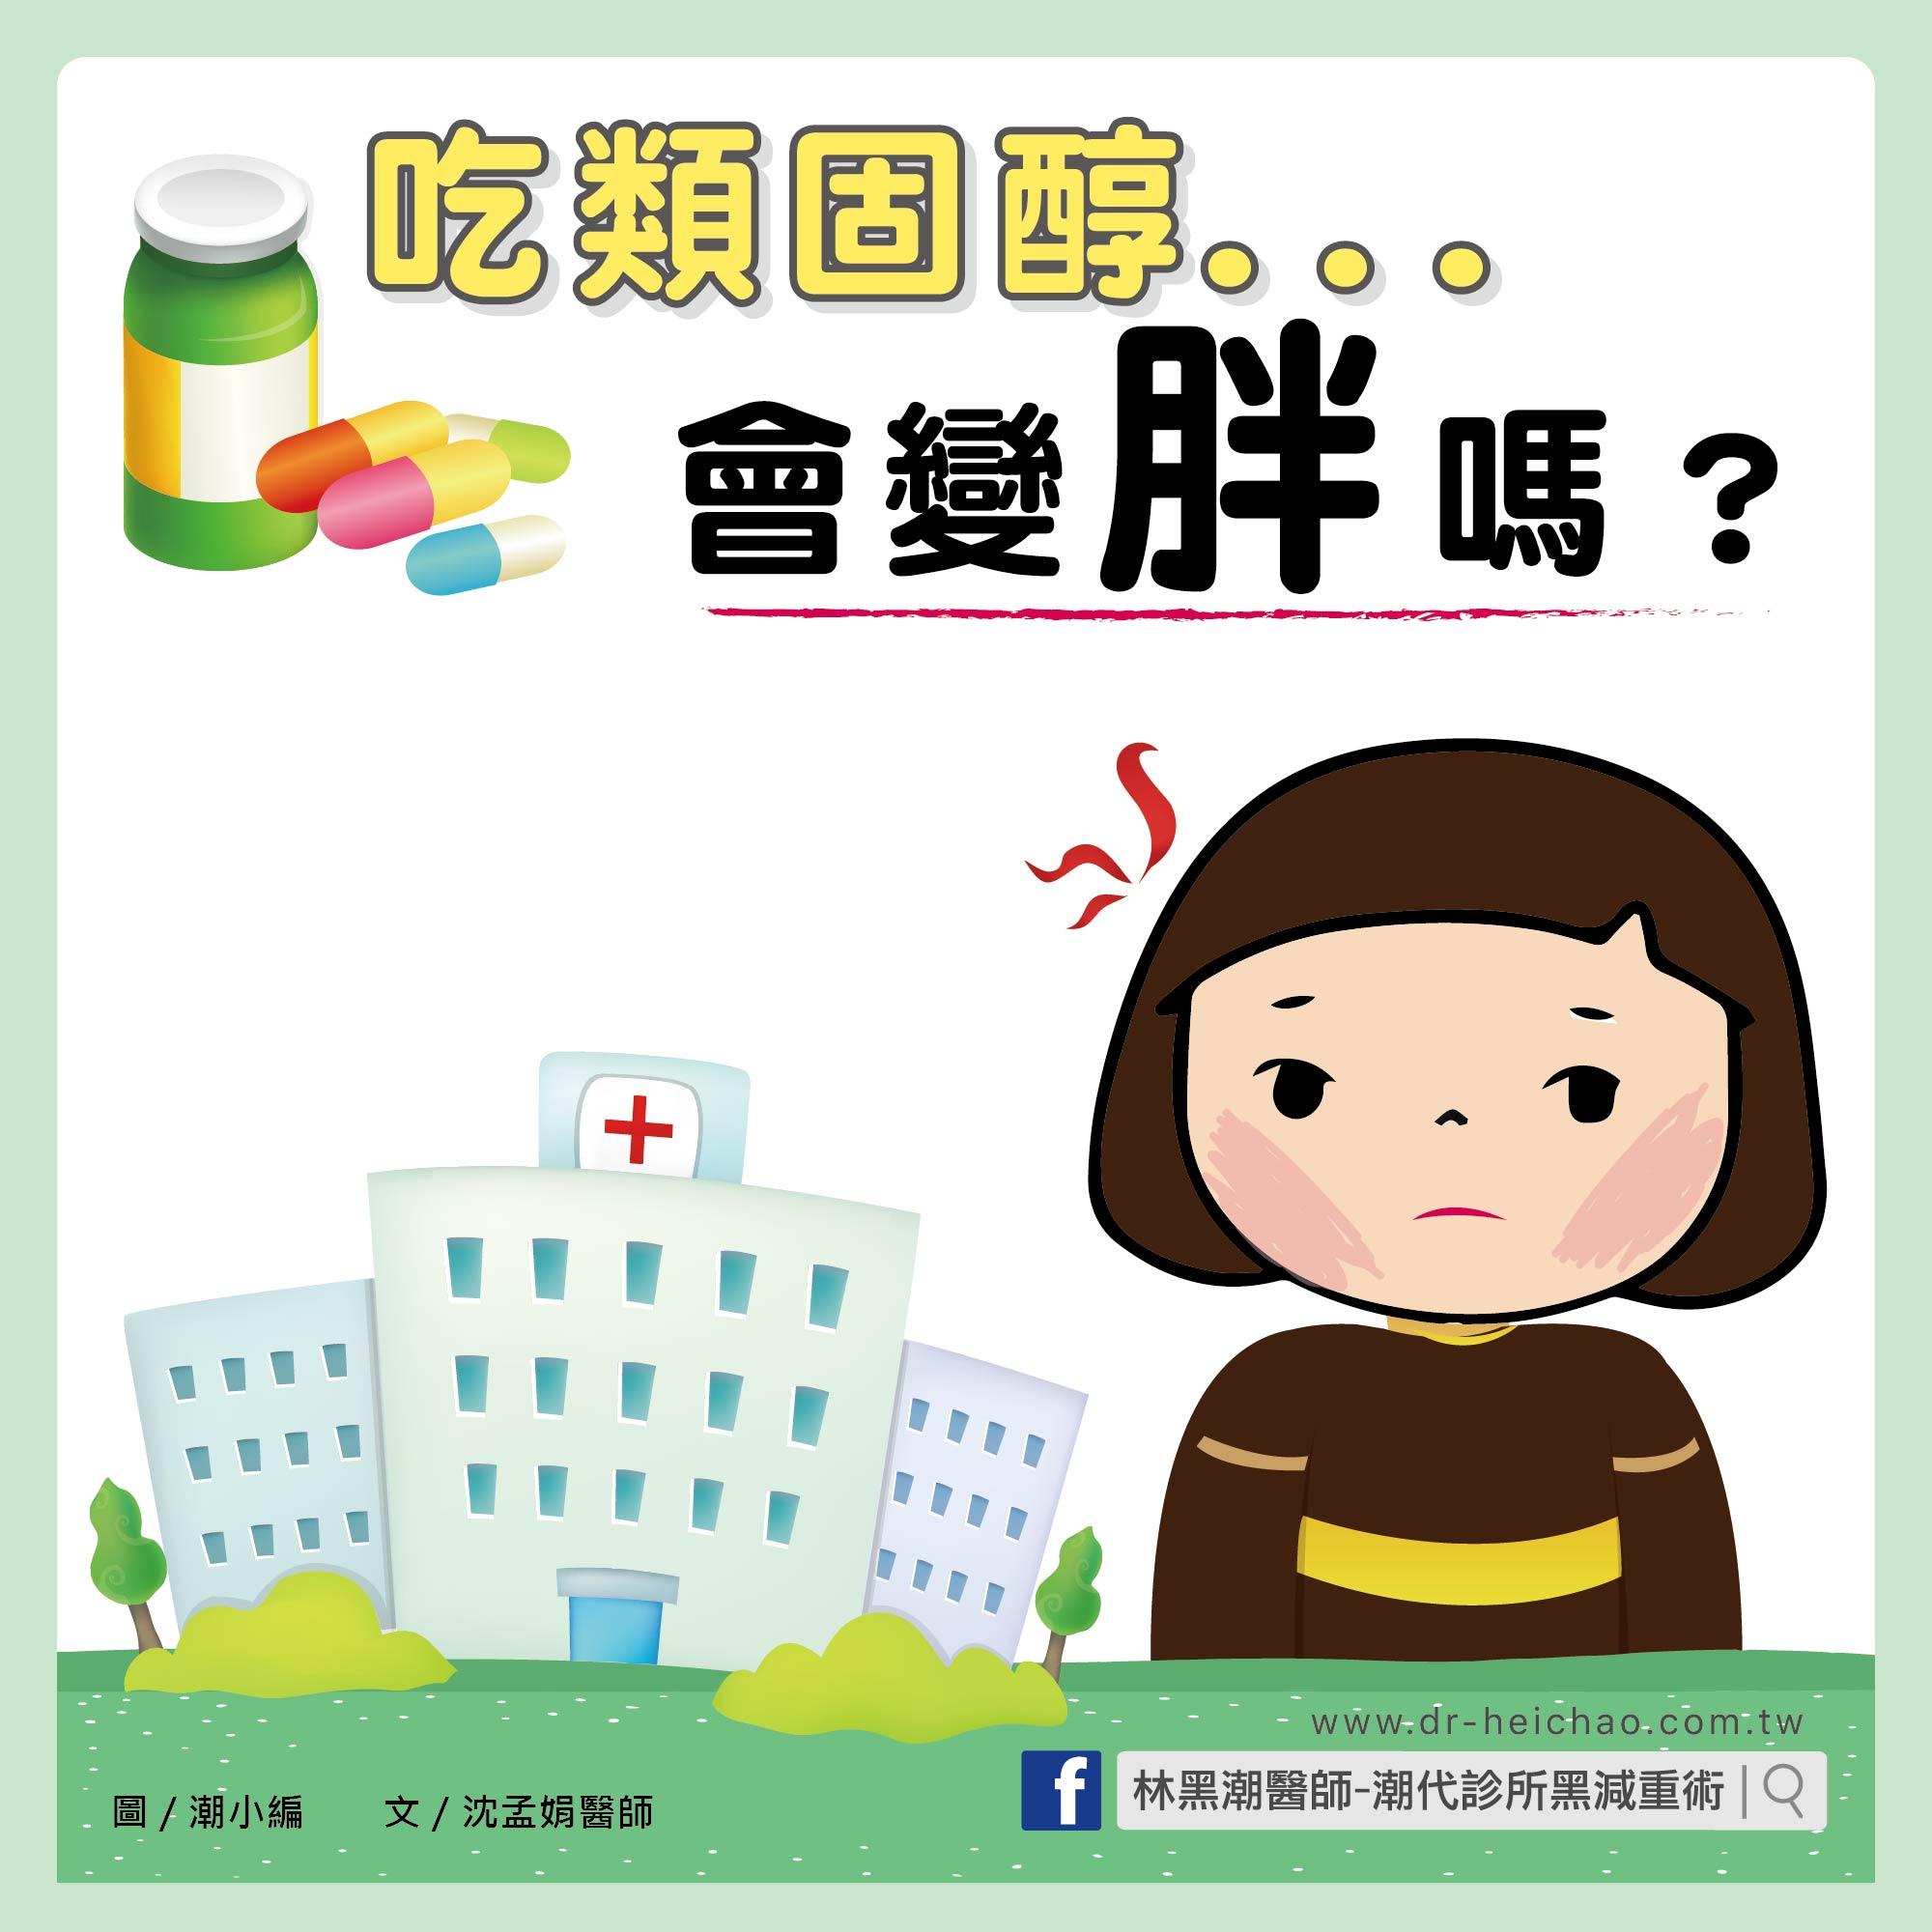 吃類固醇會變胖嗎?/文:沈孟娟醫師